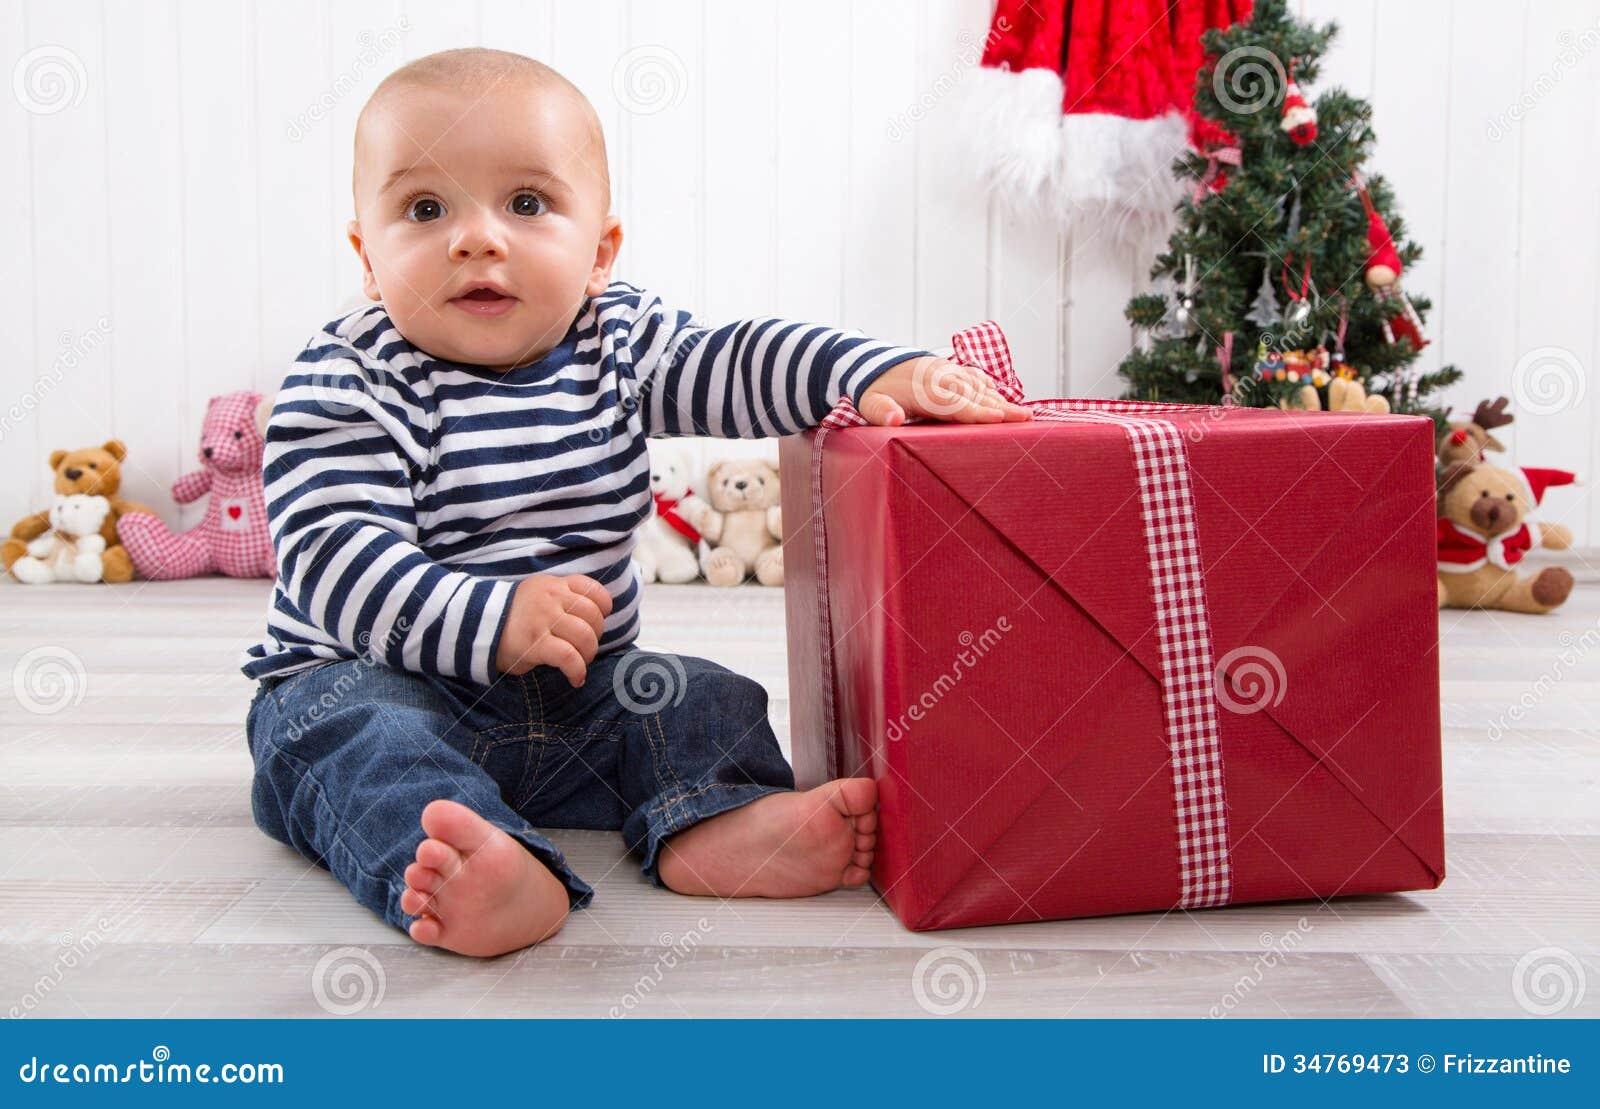 Erstes Weihnachten: Baby, Das Ein Geschenk Auspackt Stockbild - Bild ...